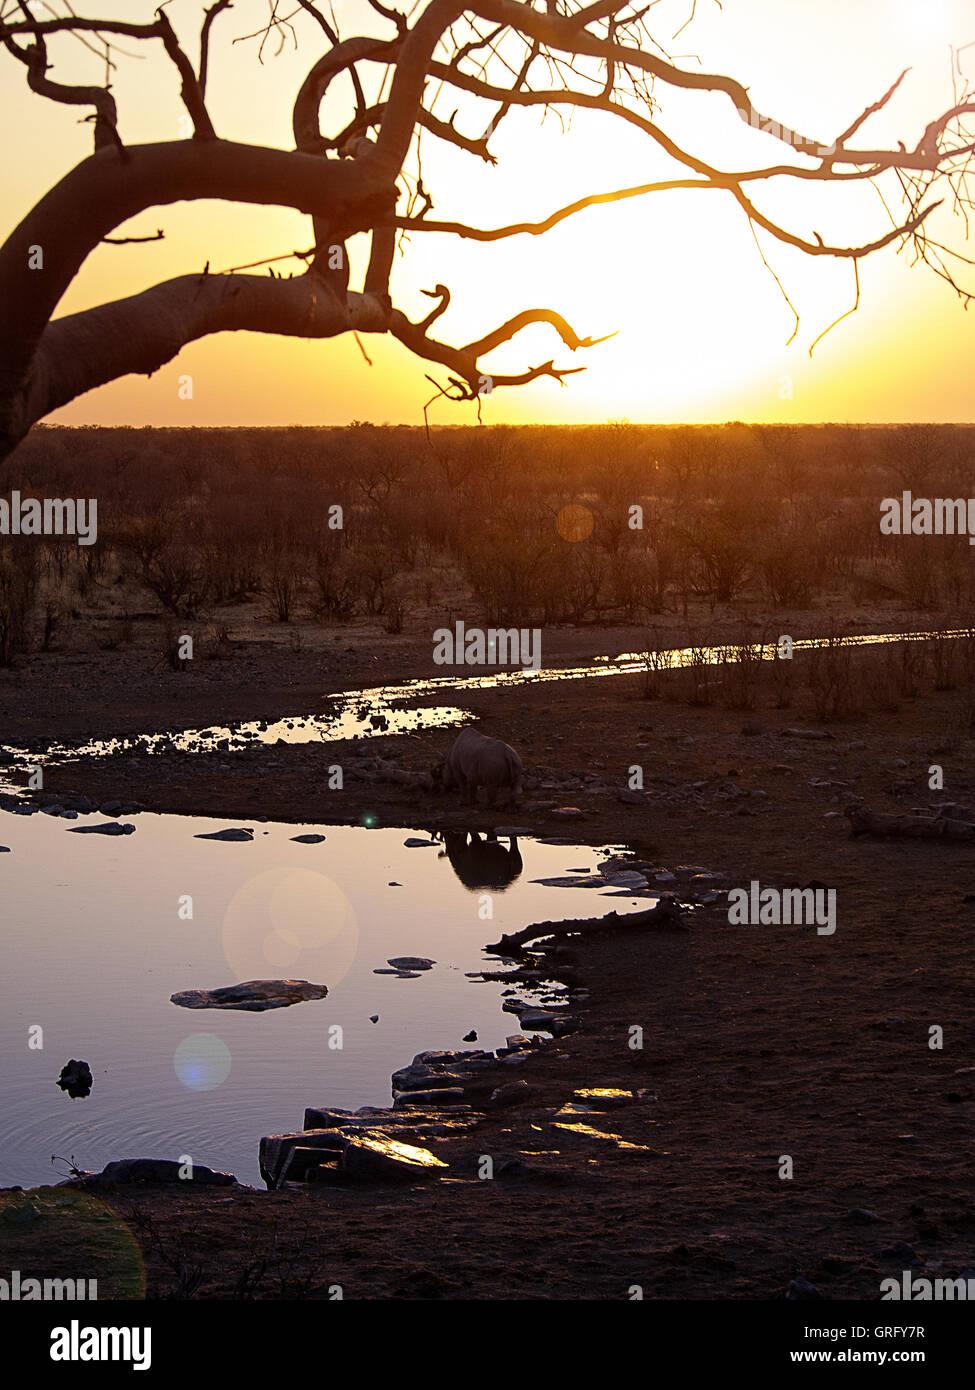 Rhino nel Parco Nazionale Etosha al tramonto, Namibia Immagini Stock